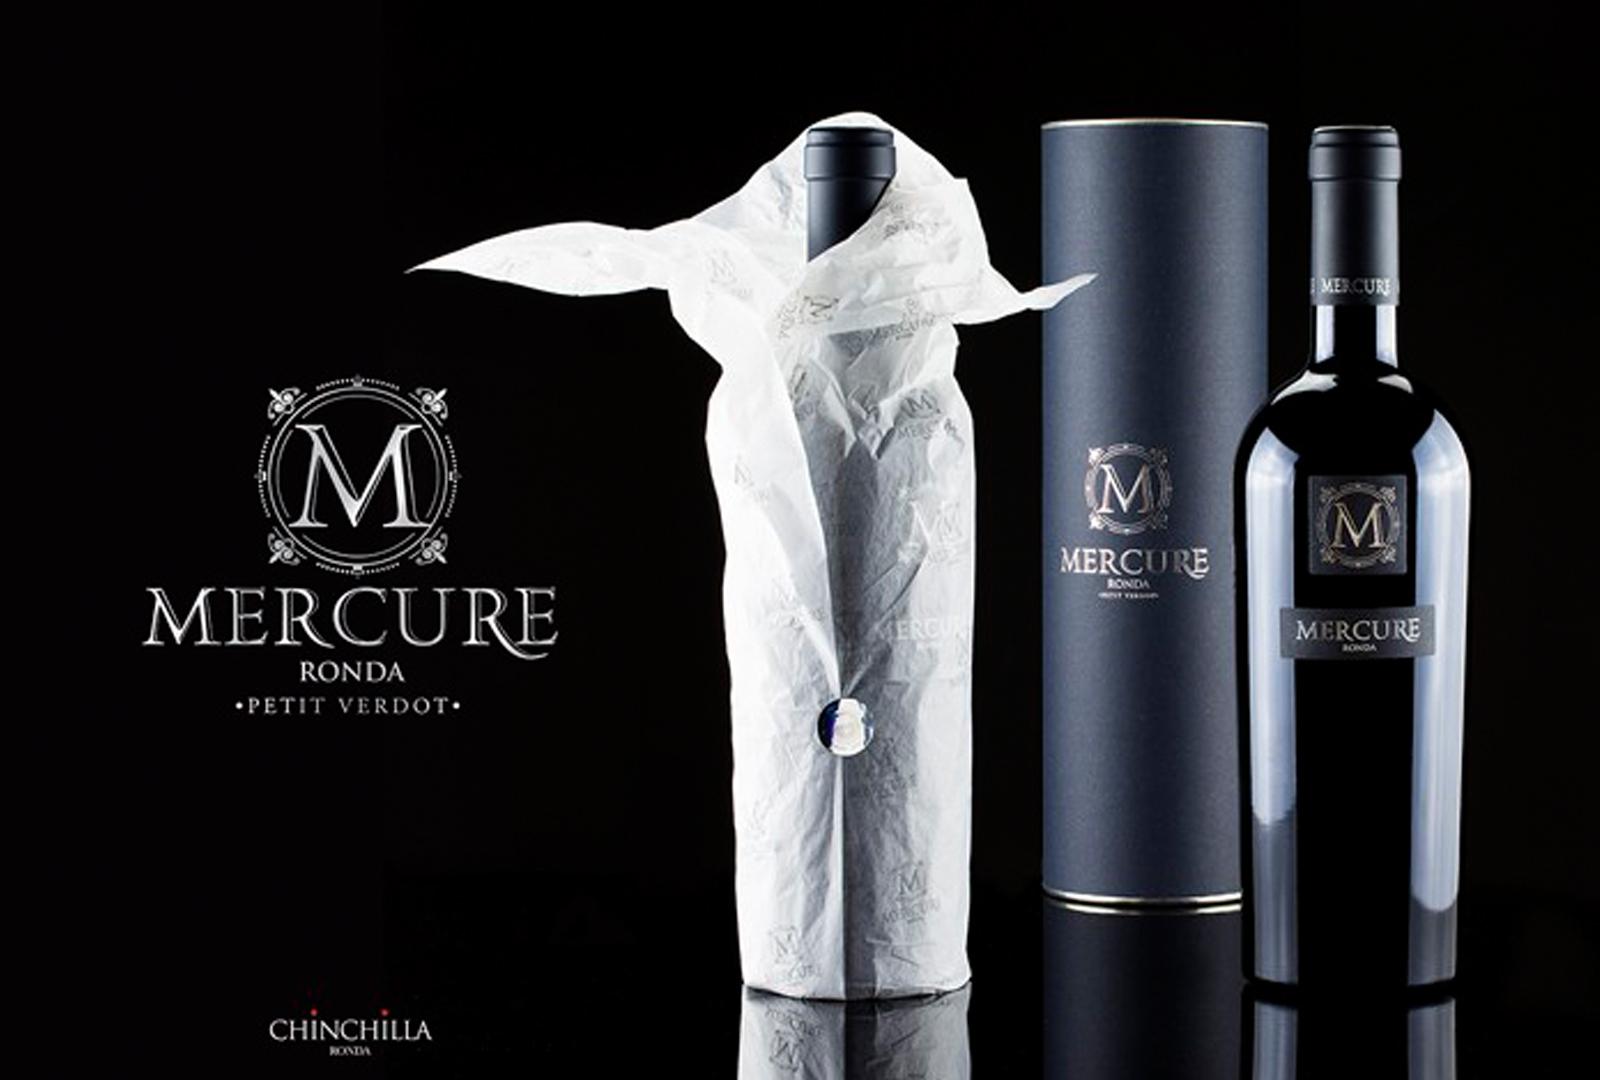 Vino Mercure de la DO Sierra de Málaga